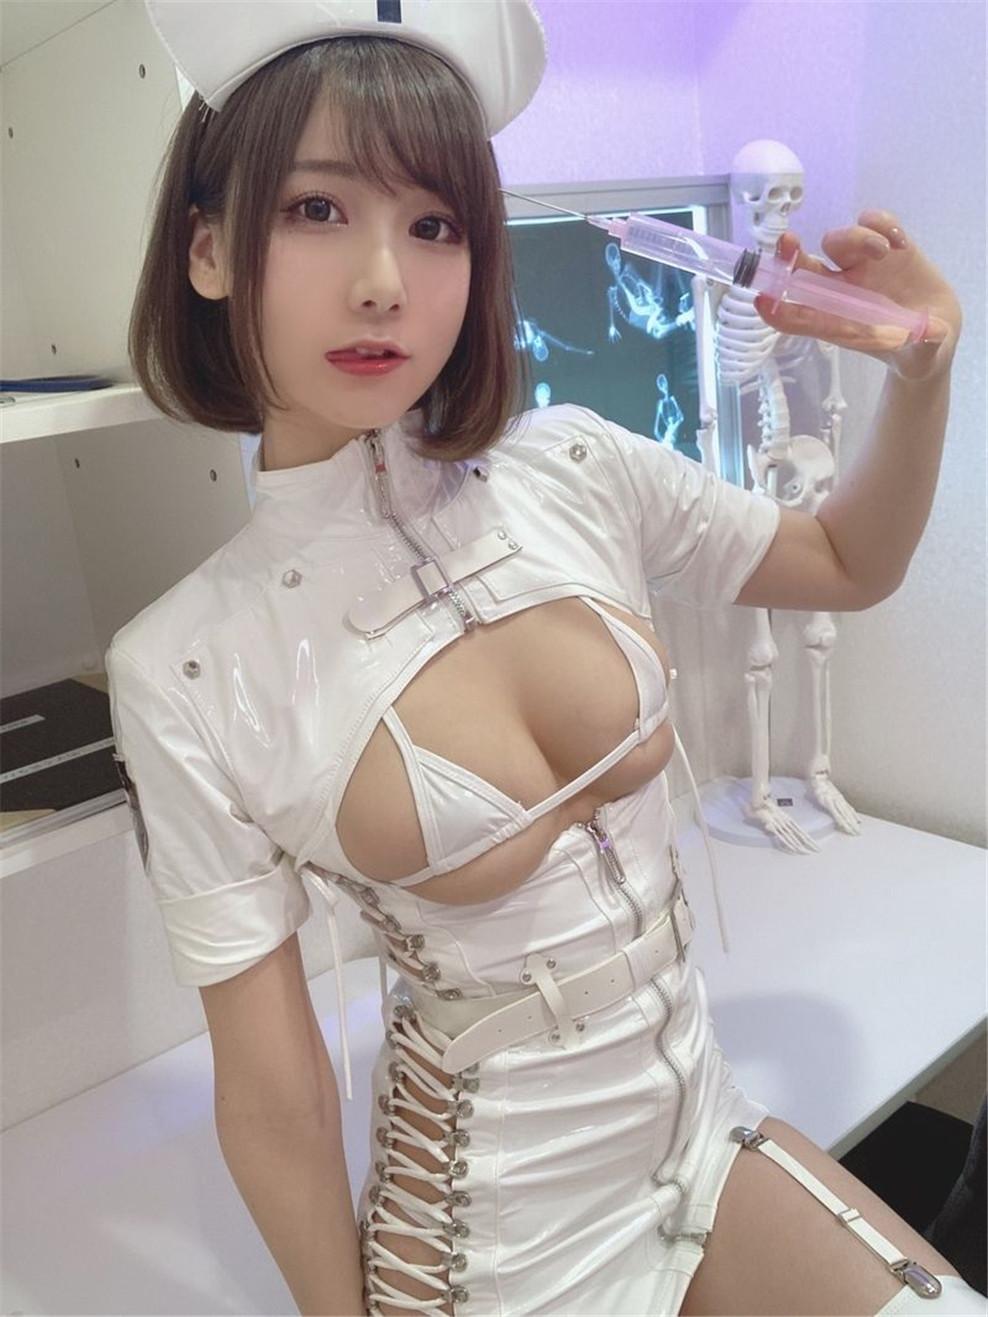 韩国美女けんけん – 高清写真2020.05月-2021.04月 [1400P-1.65 GB]